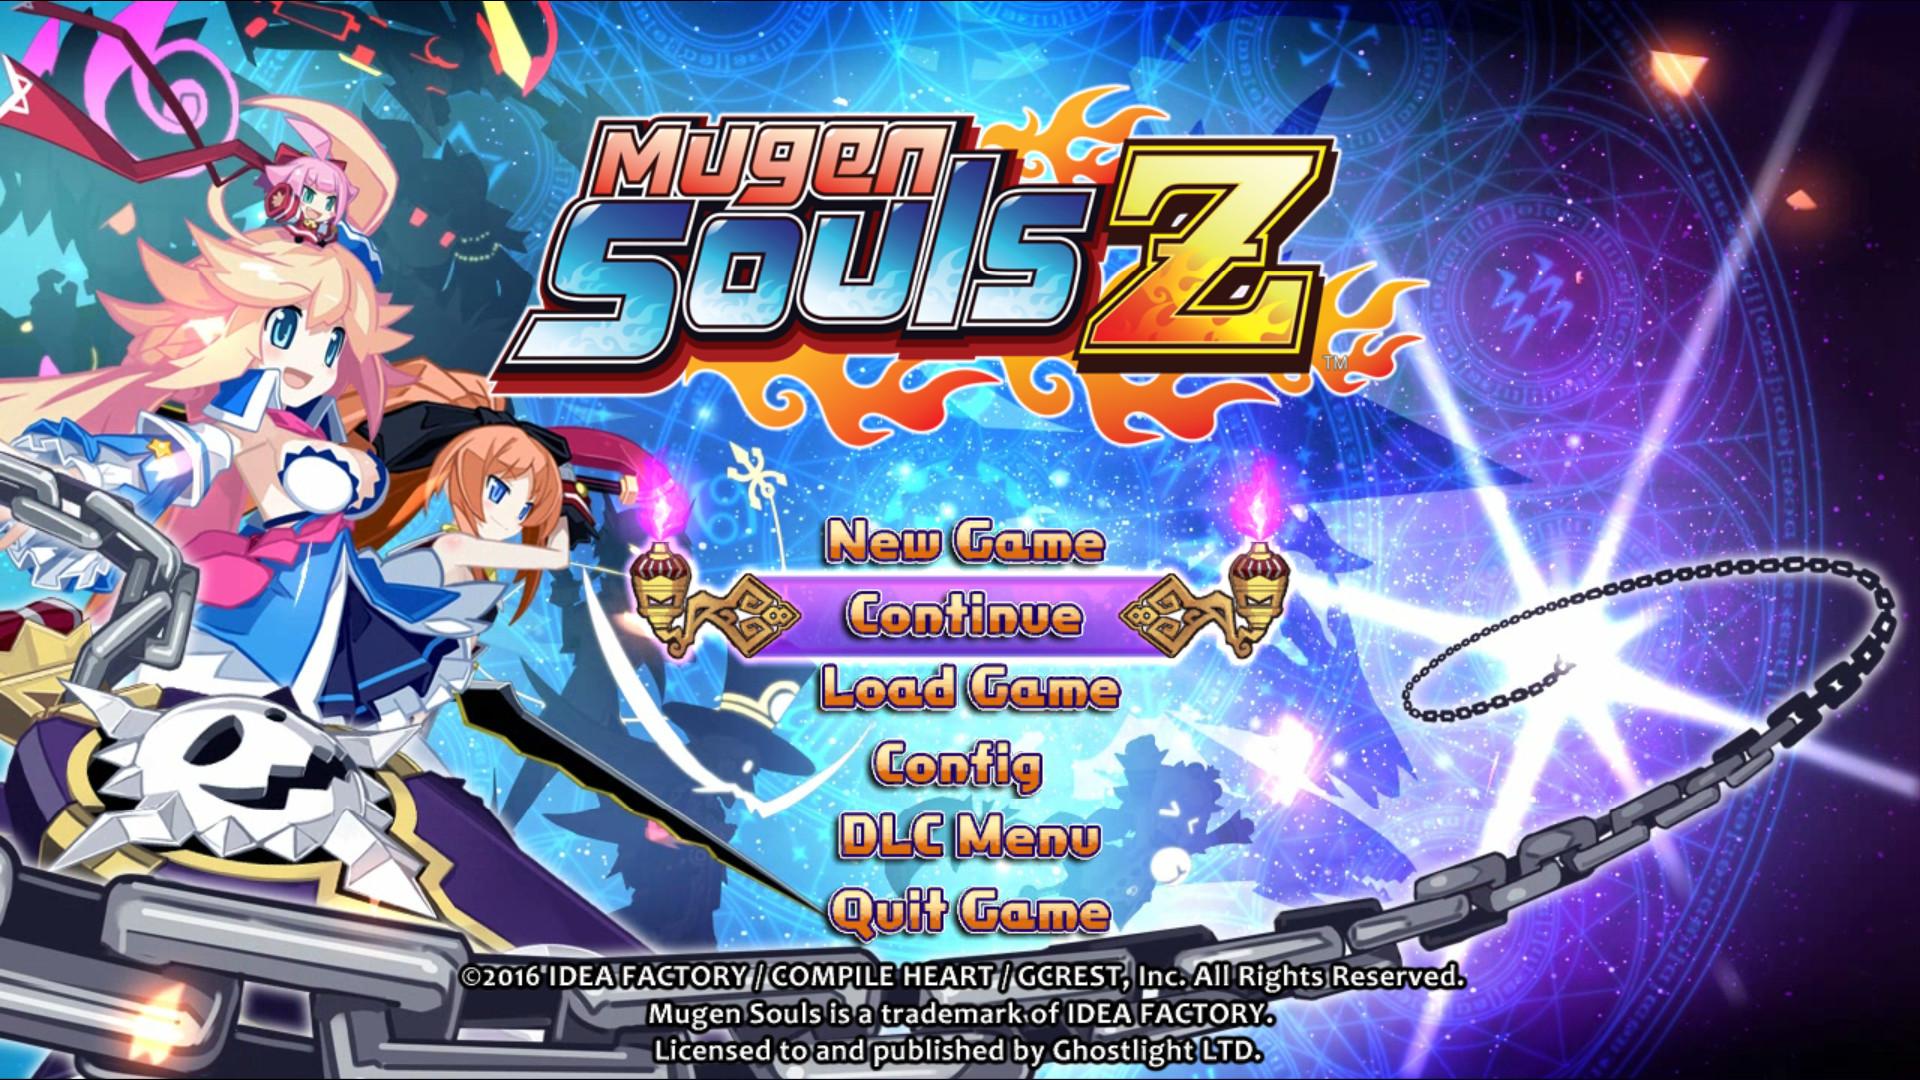 Mugen Souls Z - Overwhelming Mugen Point Fever Bundle screenshot